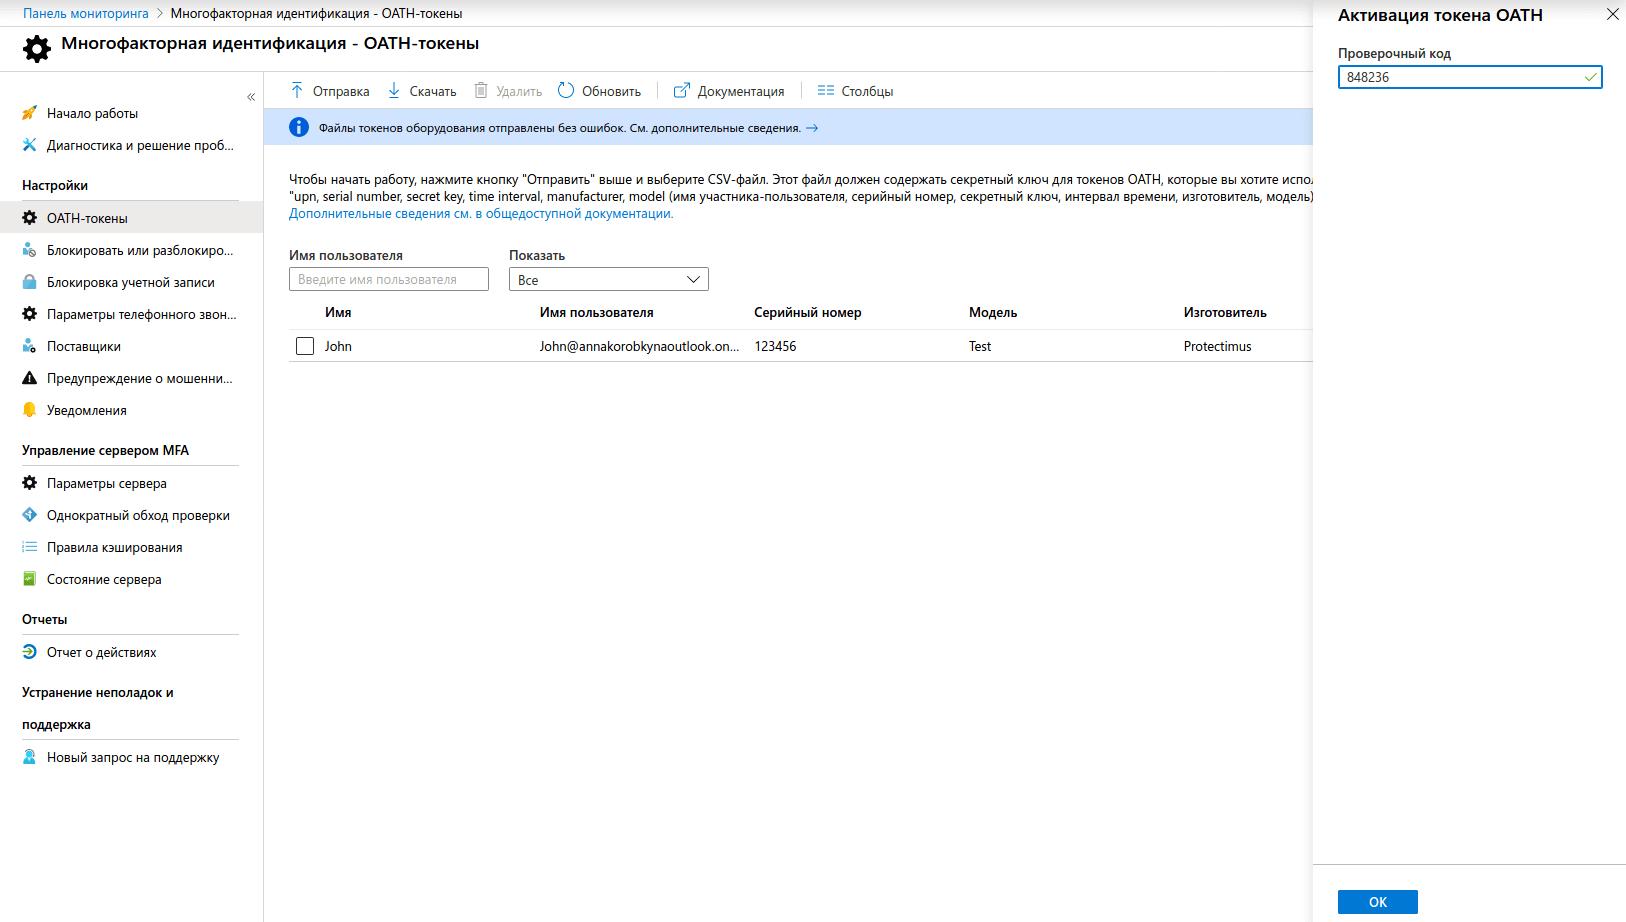 Активация аппаратного OATH токена в Azure MFA